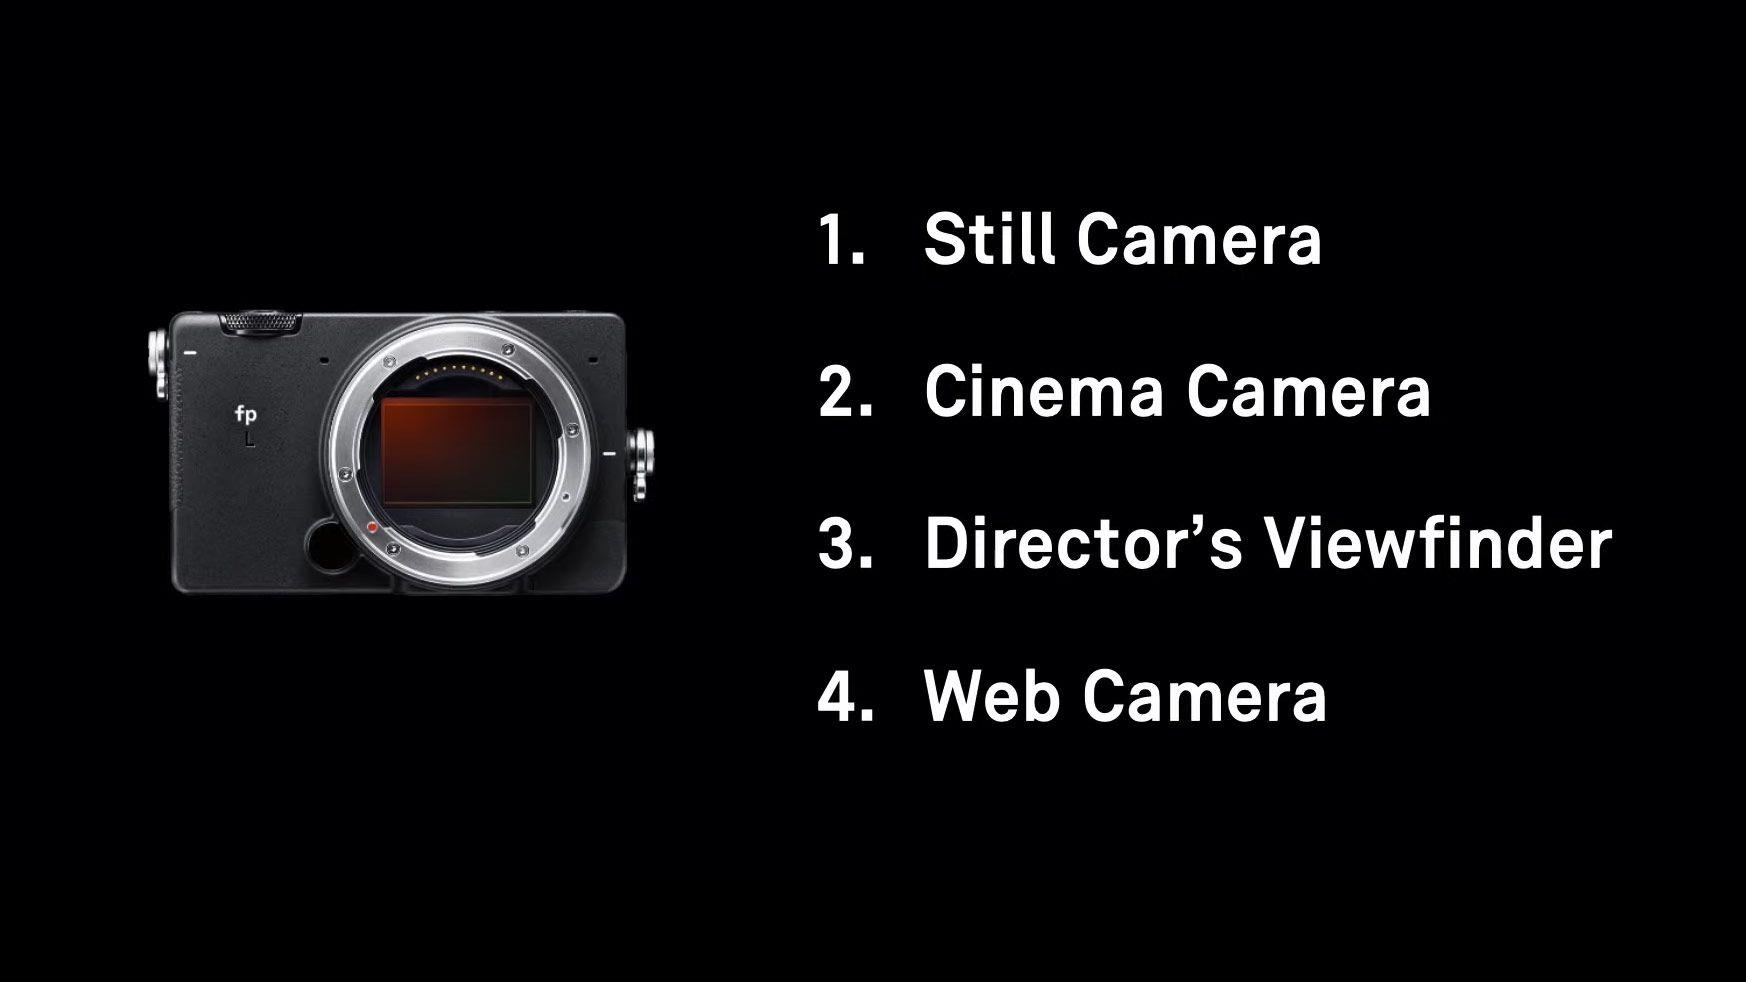 Четыре способа использовать камеру Sigma fp L